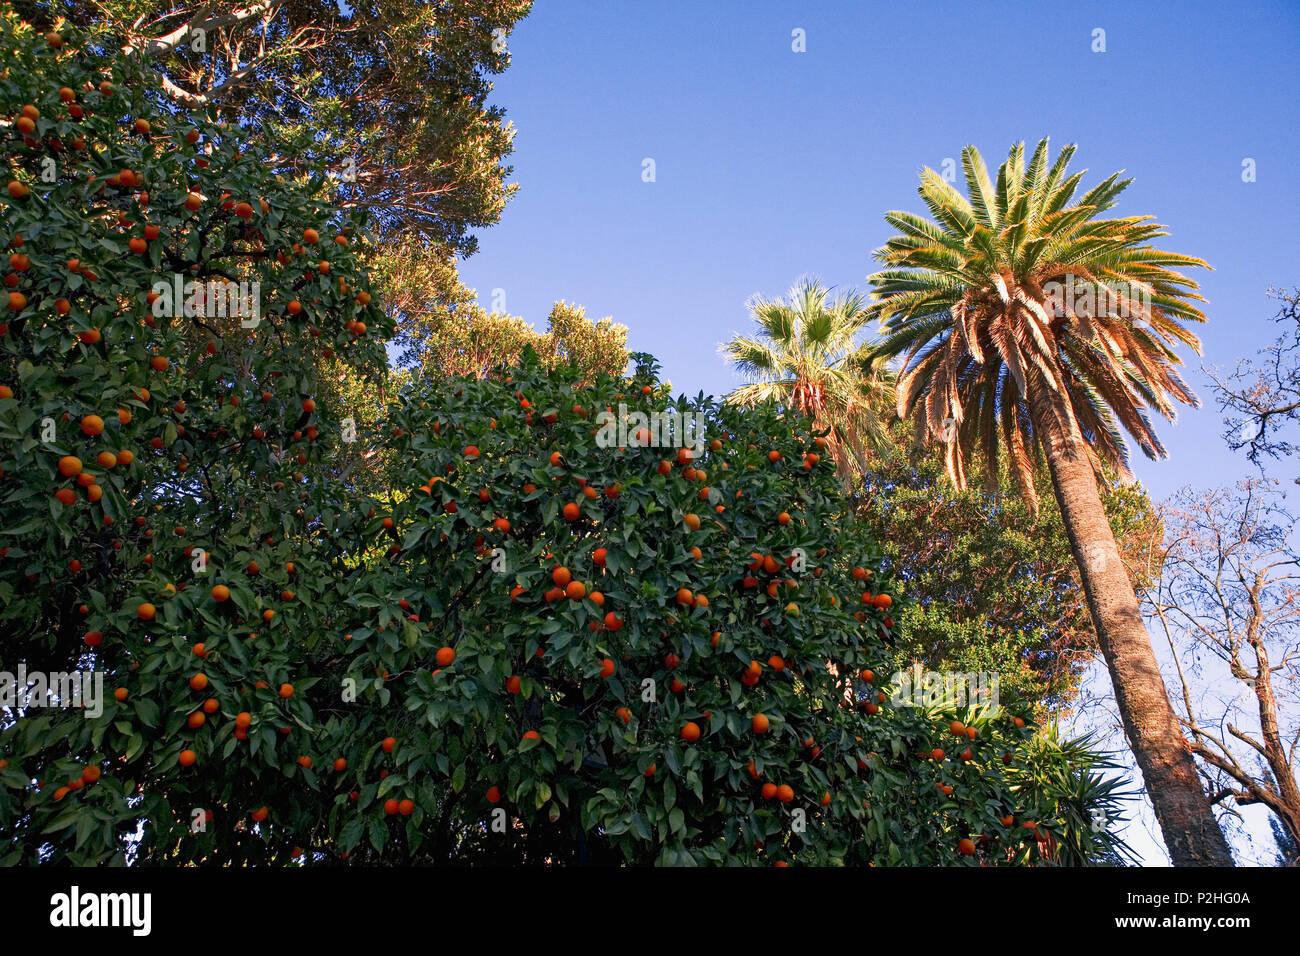 Jardines de Murillo in Barrio de Santa Cruz, Sevilla, Andalusia, Spain - Stock Image